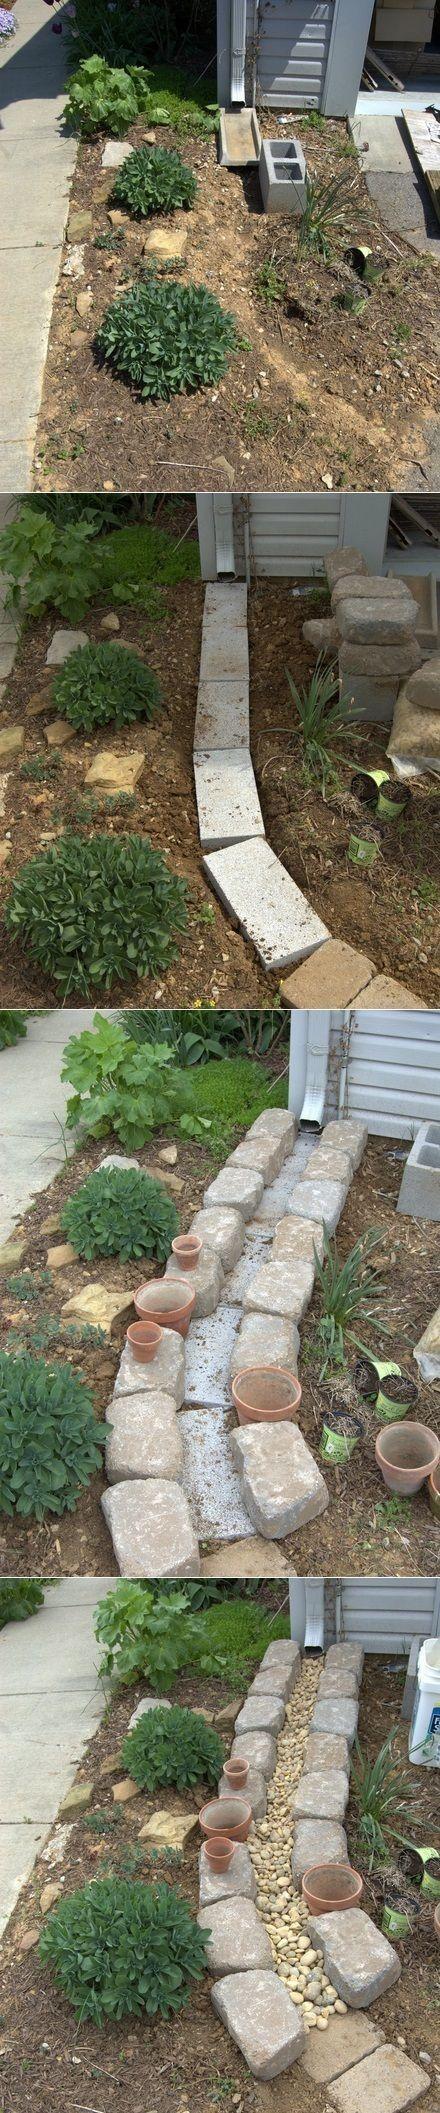 11 best yard drainage images on pinterest drainage ideas